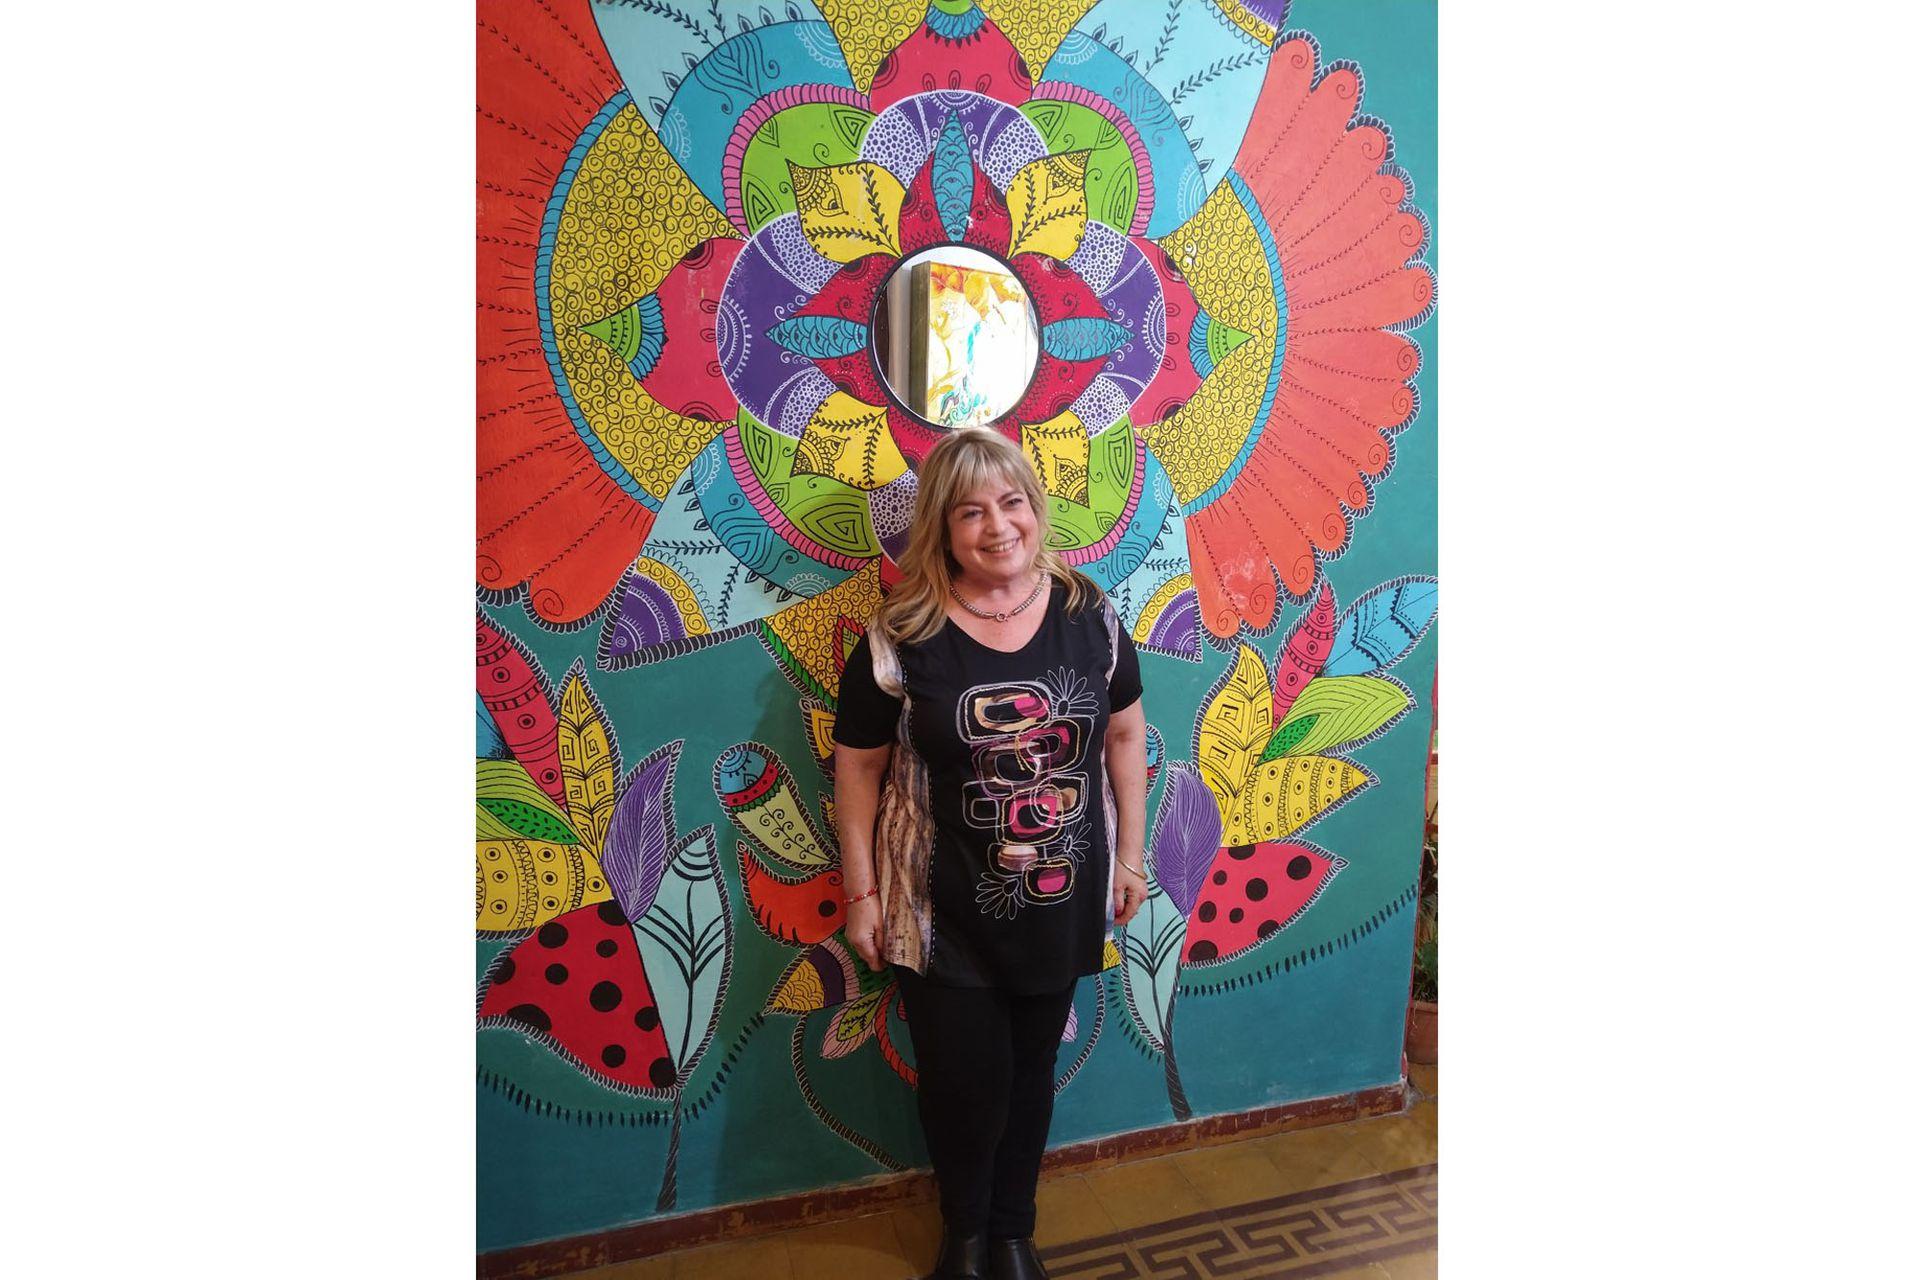 Tamara Sternberg tiene dos librerías en Córdoba que ya volvieron a abrir, pero con mucho menos movimiento que antes de la pandemia